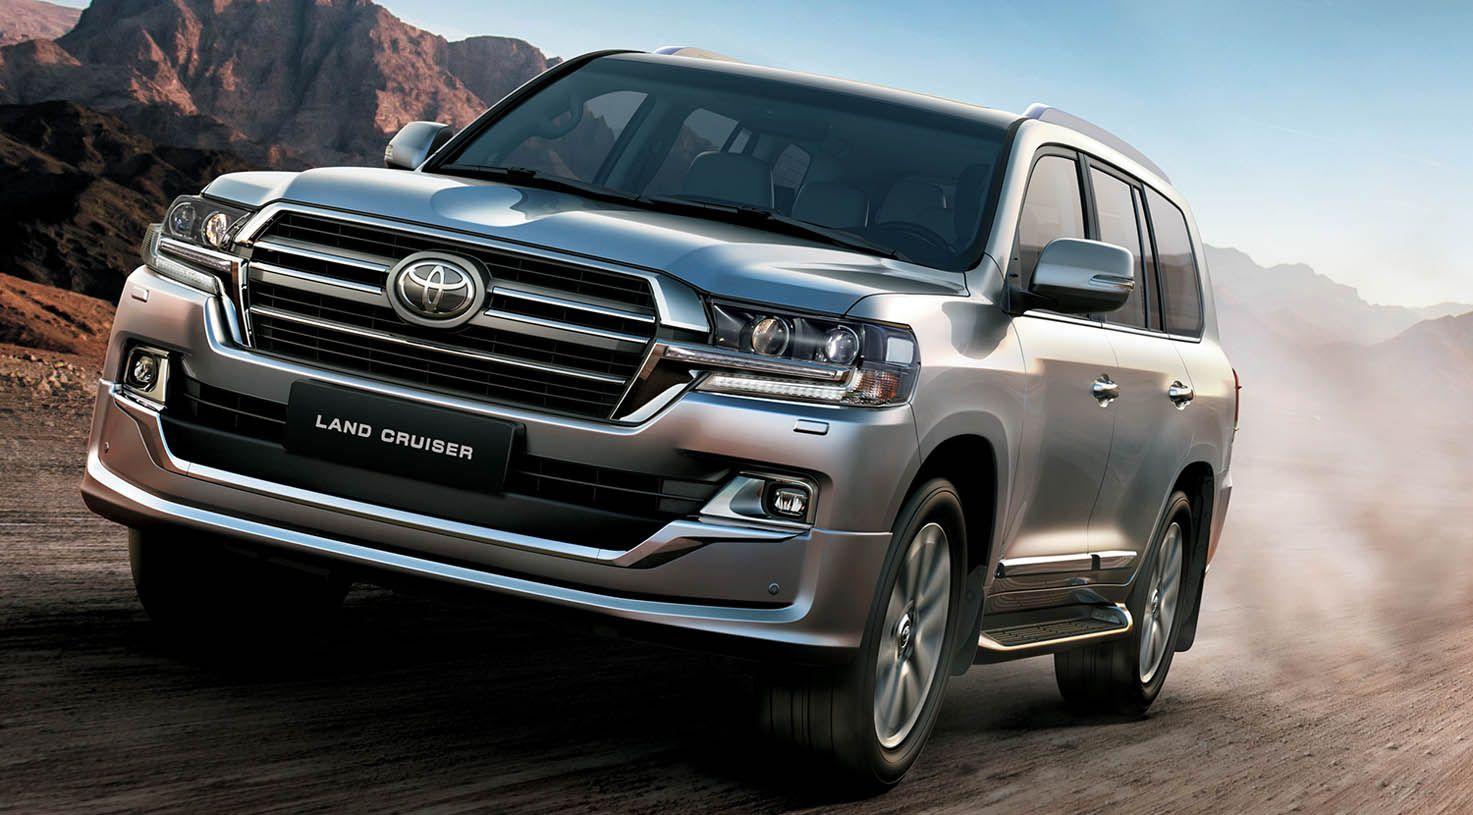 تويوتا لاندكروزر 2019 الجديدة الحضور المهيب والعراقة الاسطورية موقع ويلز Toyota Land Cruiser Land Cruiser Toyota